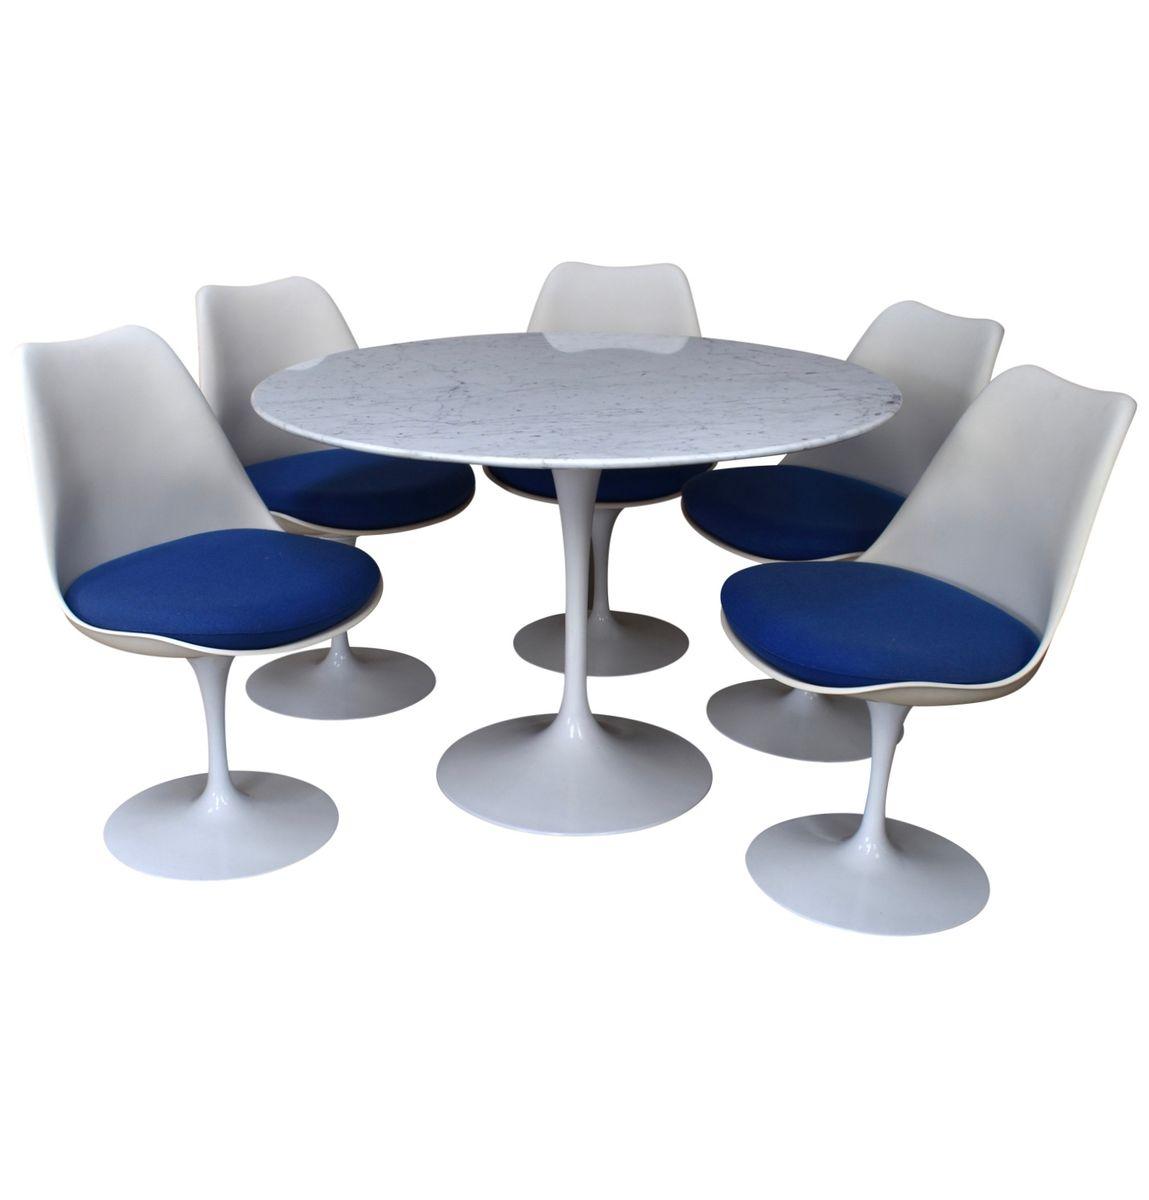 Vintage Esszimmer Set mit rundem Marmor Tisch von Saarinen für Knoll